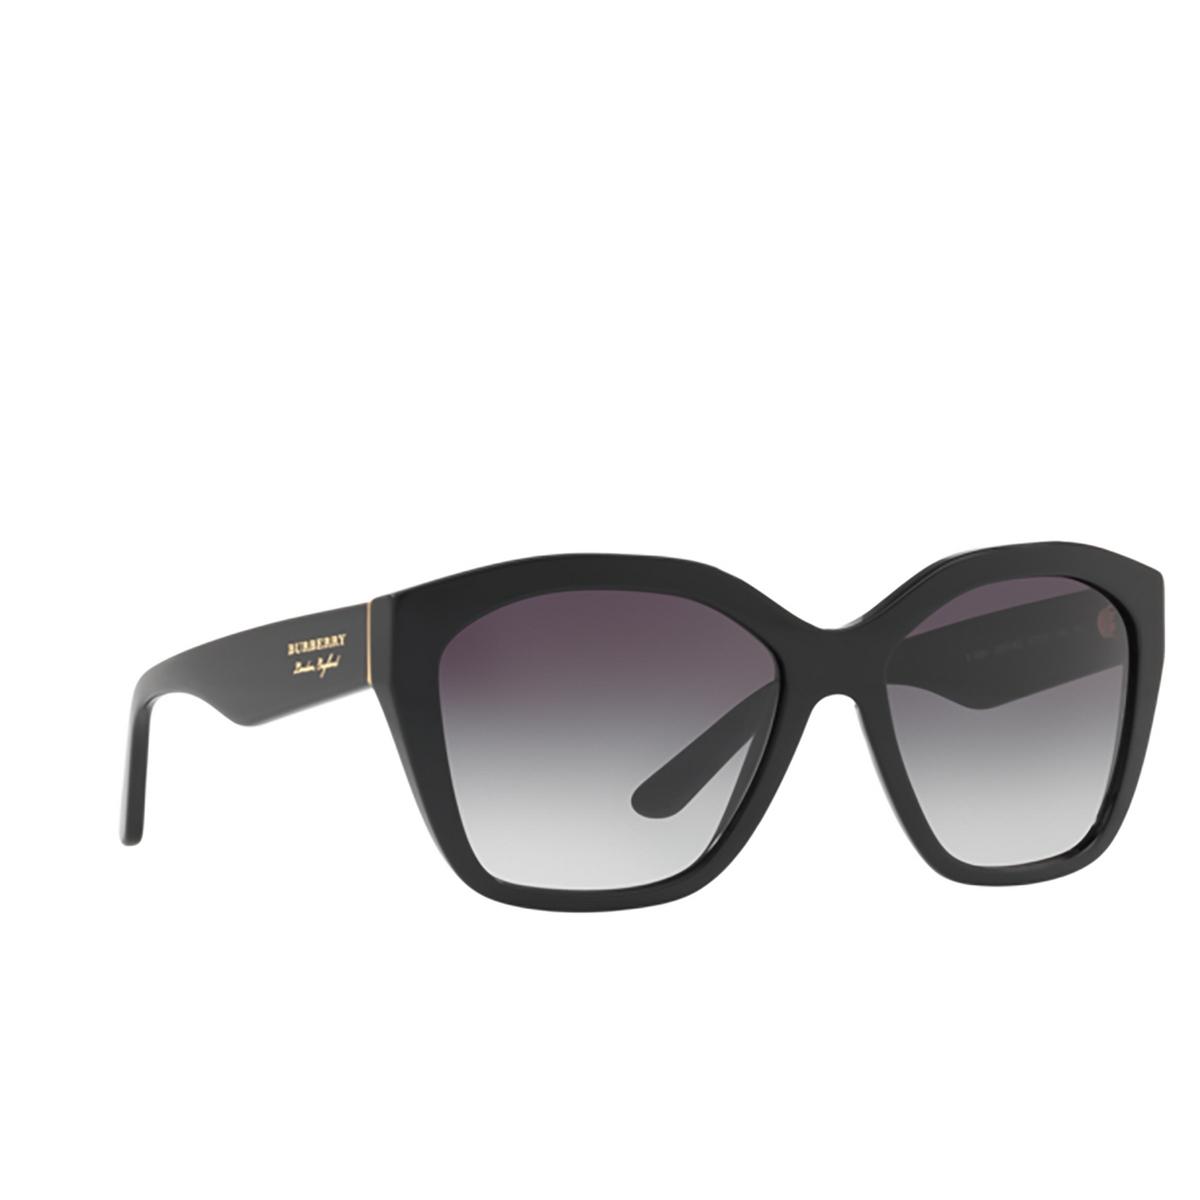 Burberry® Irregular Sunglasses: BE4261 color Black 30018G - three-quarters view.